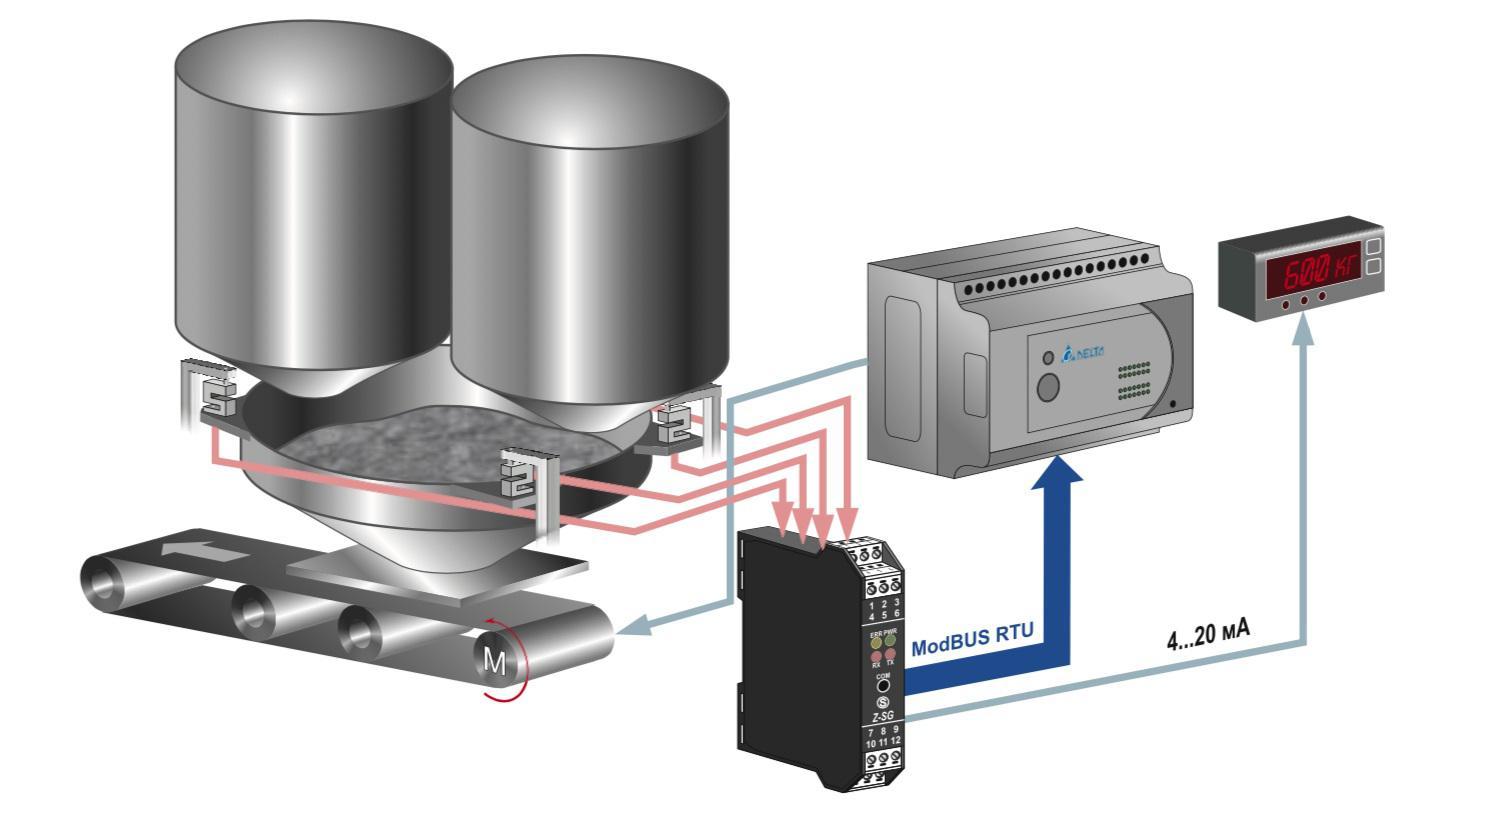 Bộ Chuyển Đổi Loadcell Z-SG đưa tín hiệu từ loadcell về PLC